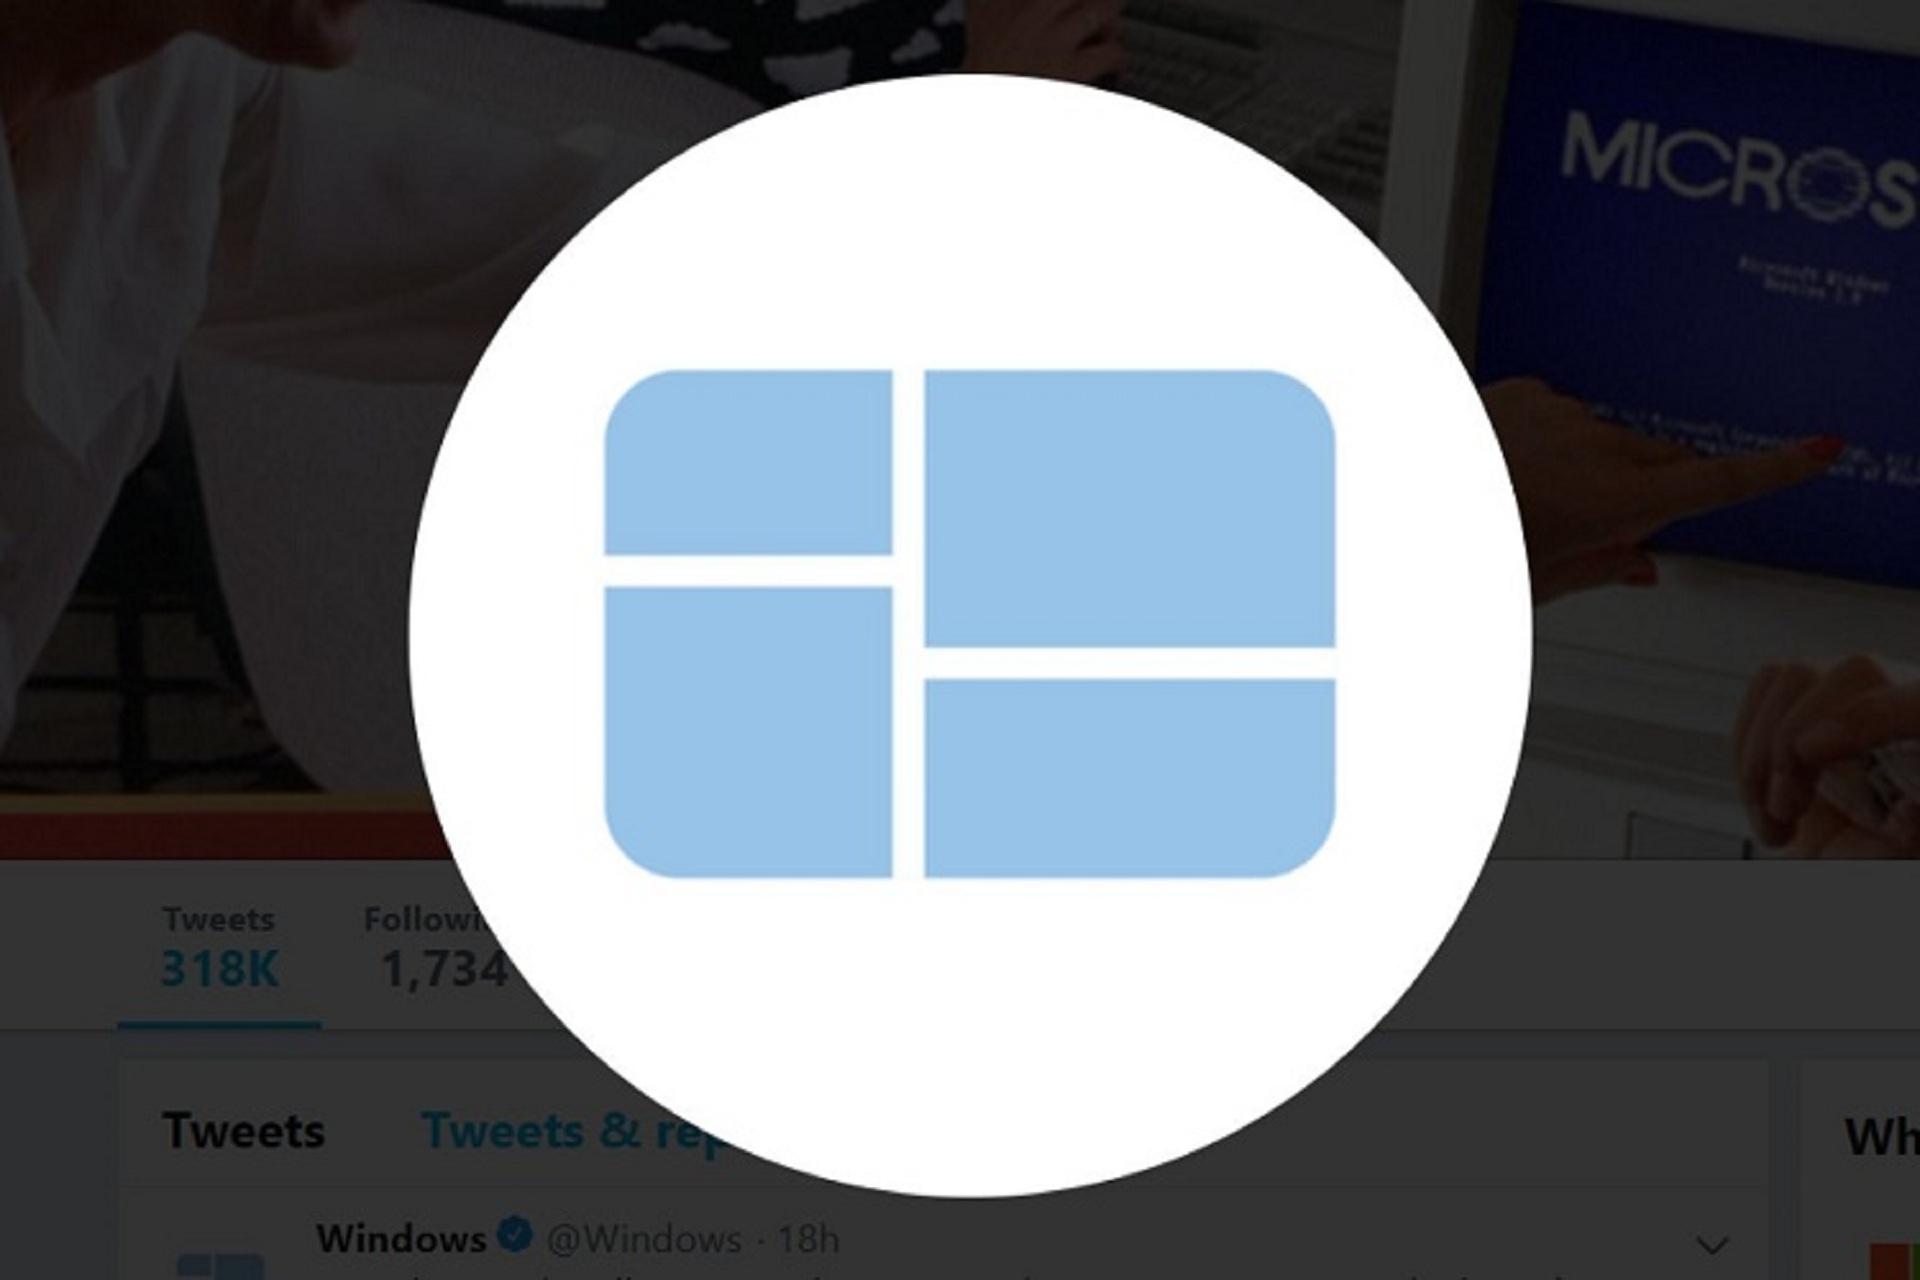 روکیدا - آیا مایکروسافت در حال شوخی با ویندوز 1.0 متعلق به 1985 است؟ همه سر درگم شدهاند! - فناوری, مایکروسافت, ویندوز 10